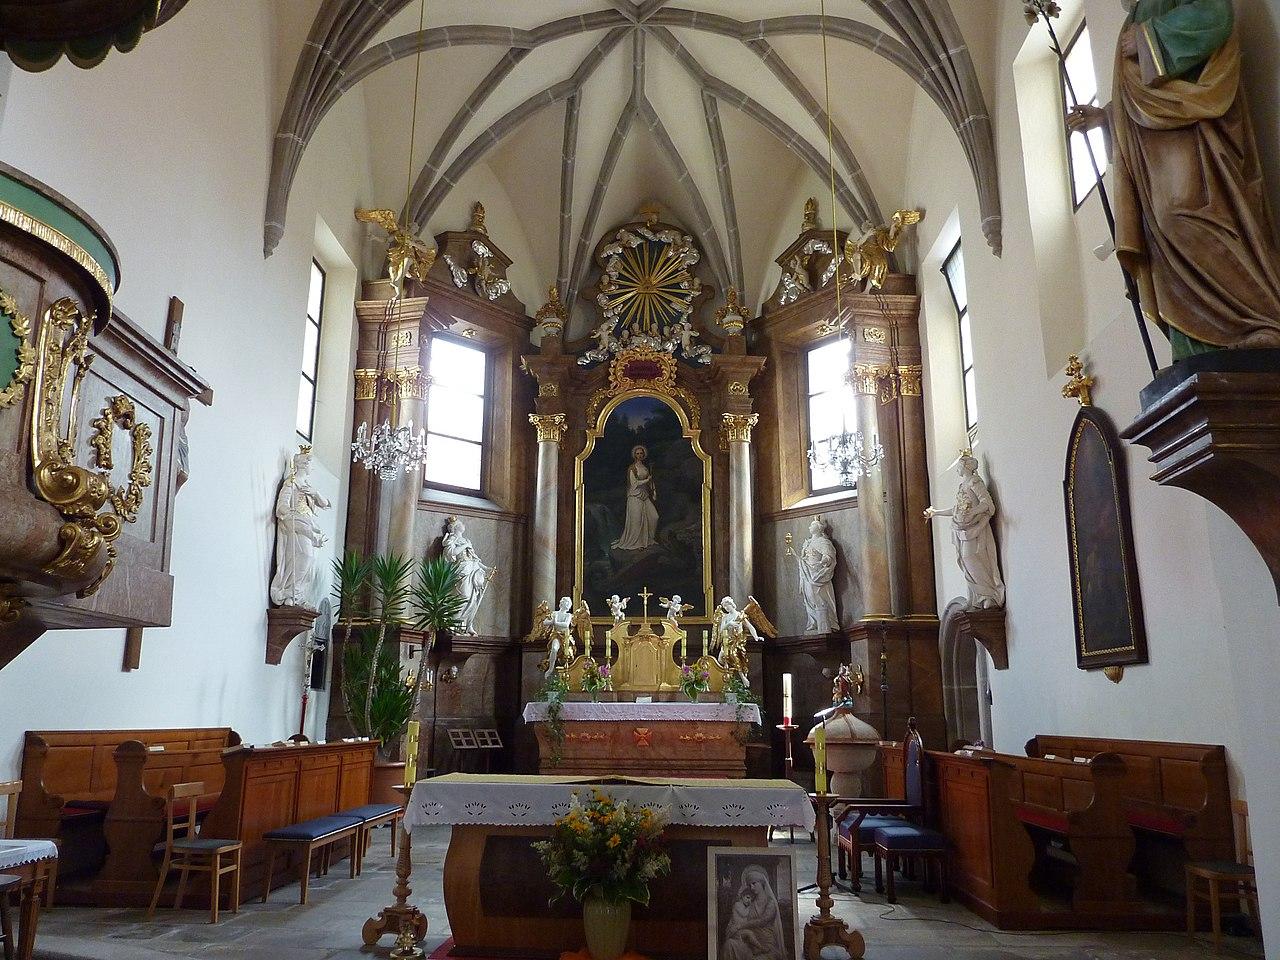 1280px-Heidenreichstein_Pfarrkirche2.jpg